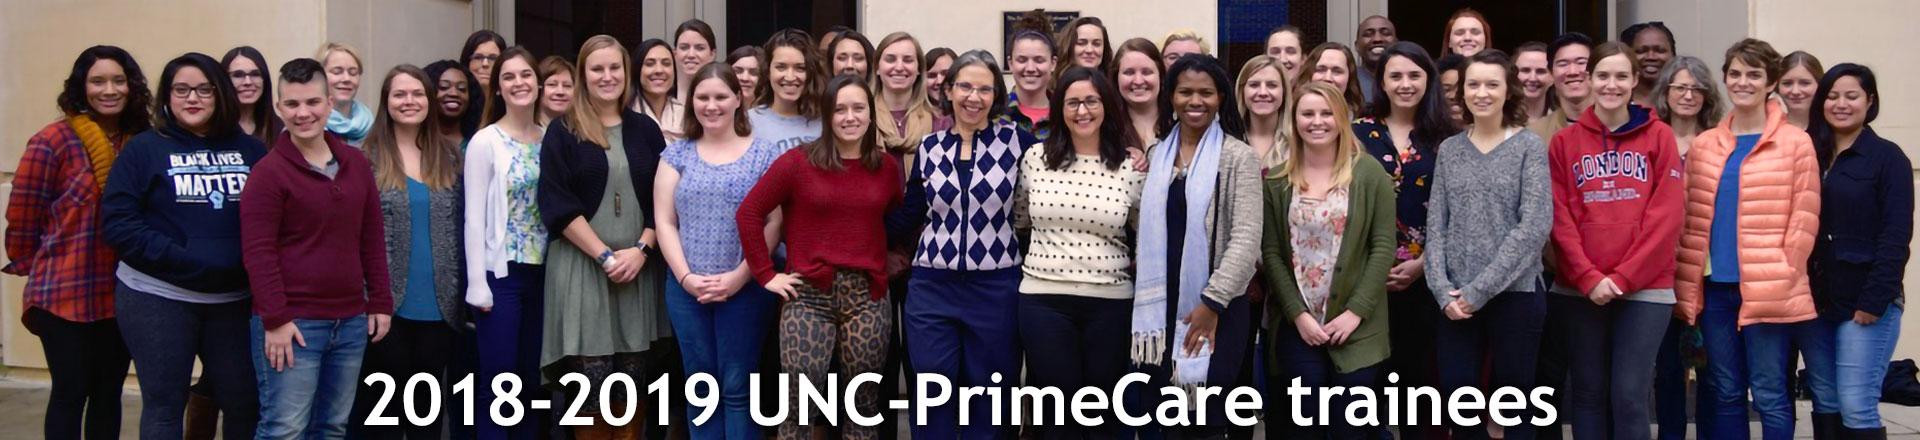 2018-2019 UNC-PrimeCare trainees